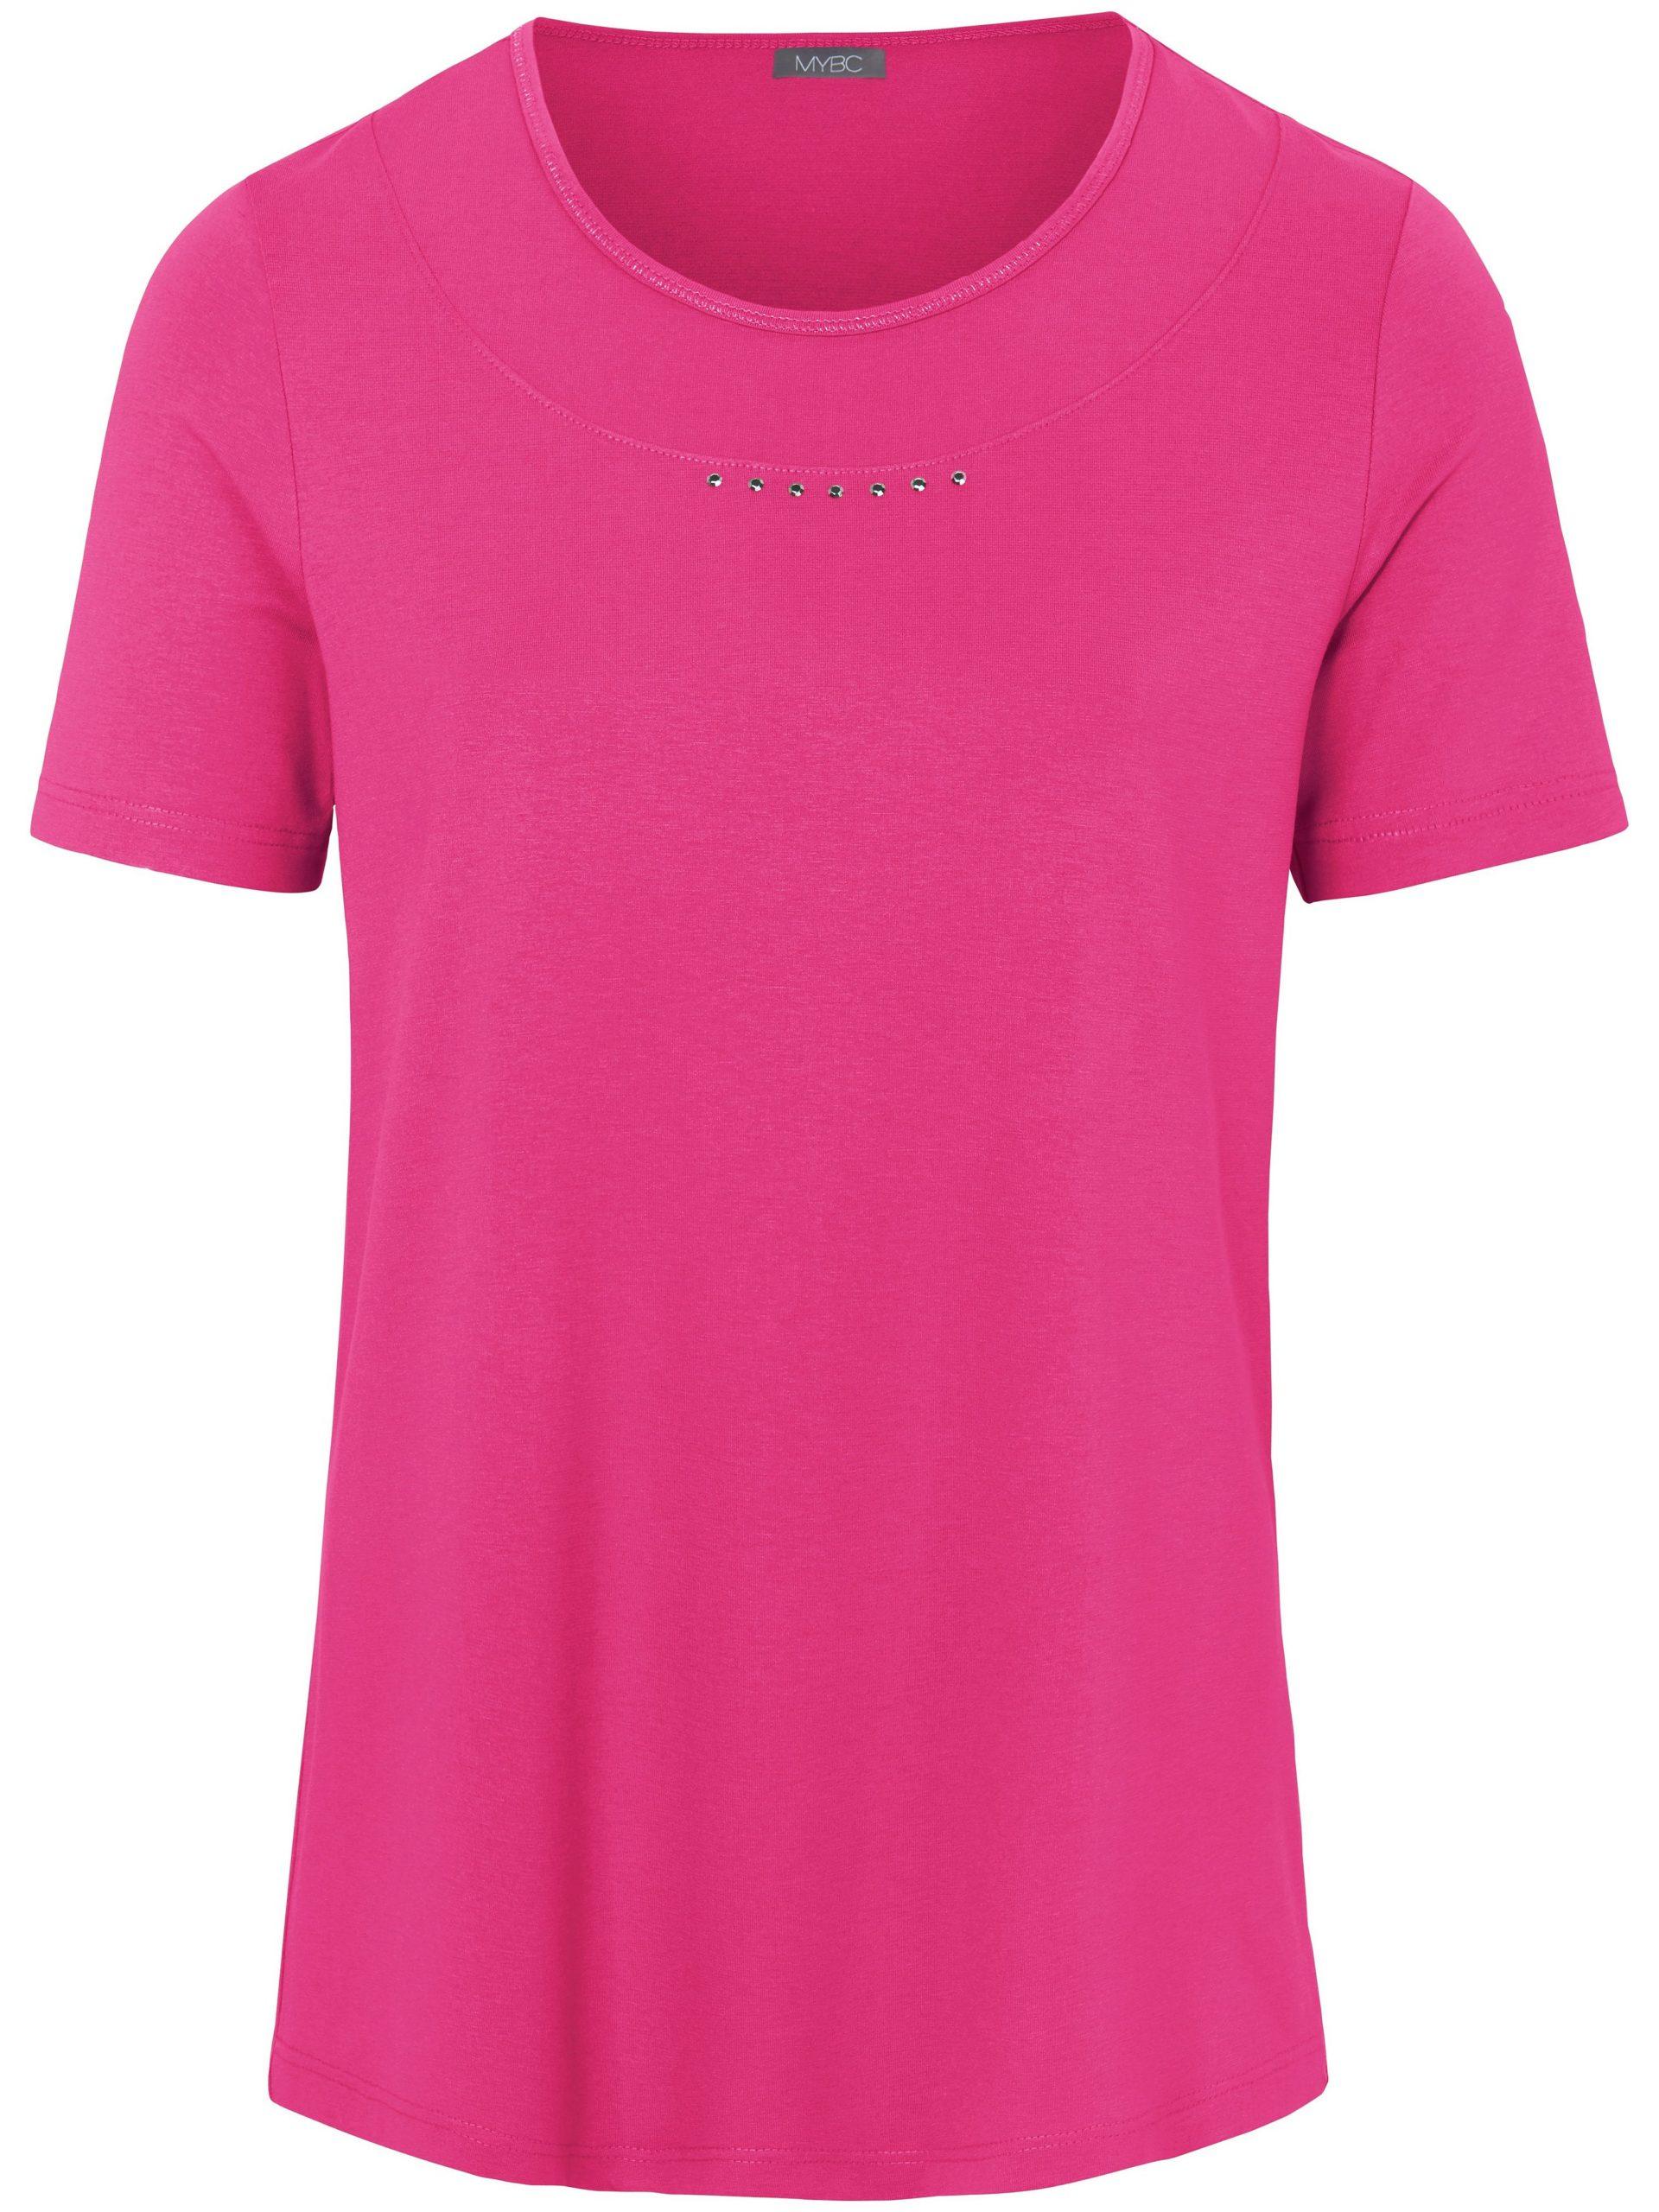 Shirt met ronde hals en korte mouwen Van MYBC roze Kopen